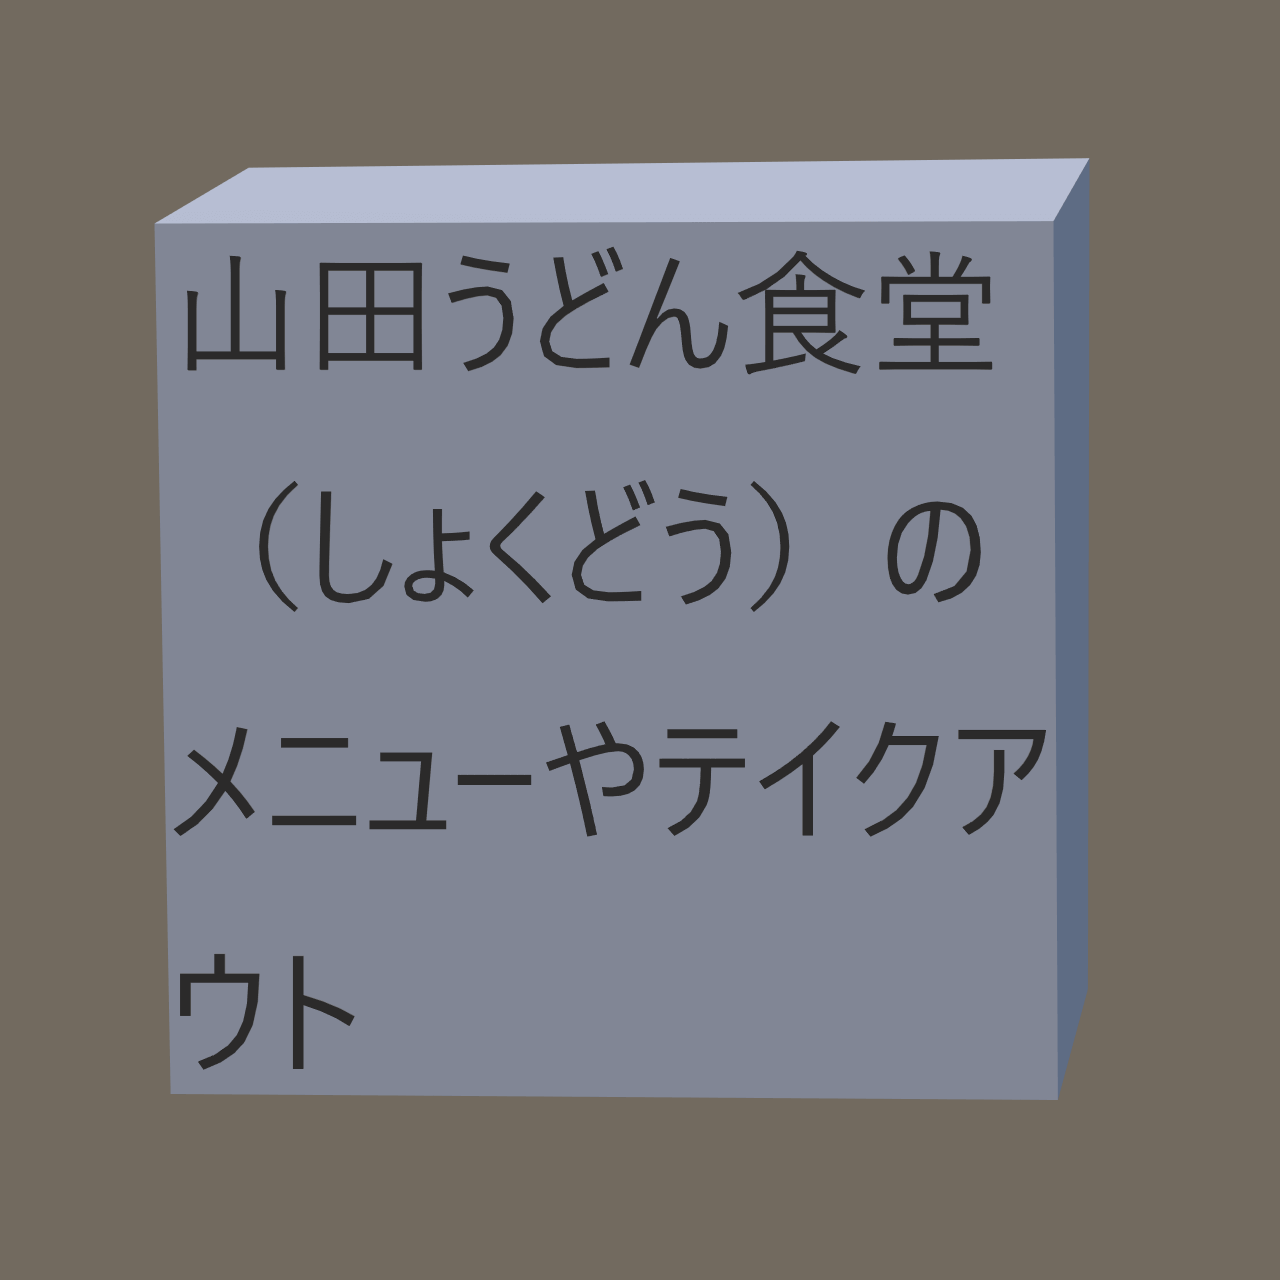 真島消化器(まじましょうかき)クリニックの最新(さいしん)RAP食事(しょくじ)にかかるブログです。山田うどん食堂(しょくどう)のメニューやテイクアウト、近くの山田うどん店舗(てんぽ)やパンチ、東京や営業時間(えいぎょうじかん)、クーポンや埼玉(さいたま)、通販(つうはん)やラーメン、朝定食(あさていしょく)やパンチセット、ランチ、もつ煮(に)やチャーハン、カレー、そばや餃子(ぎょうざ)、野菜炒(やさいいた)めやセットメニューとは?などです。にかかる画像(がぞう)